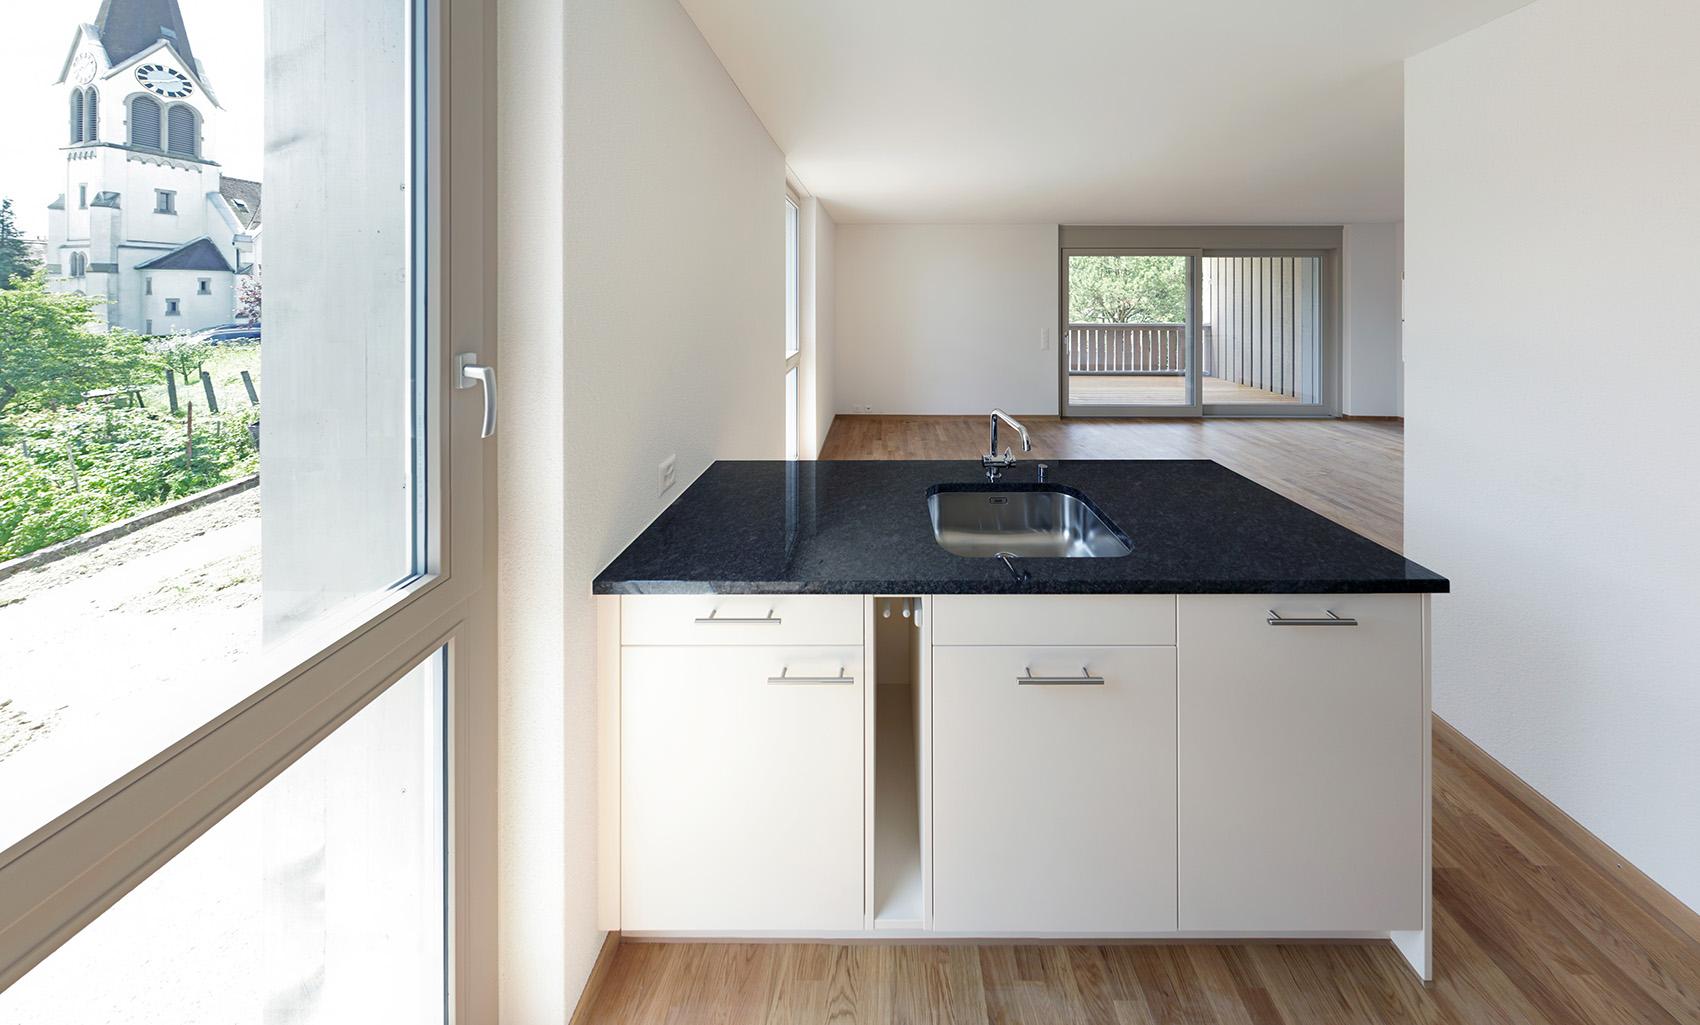 hinterdorfstrasse lindau zh de biasio scherrer architekten. Black Bedroom Furniture Sets. Home Design Ideas